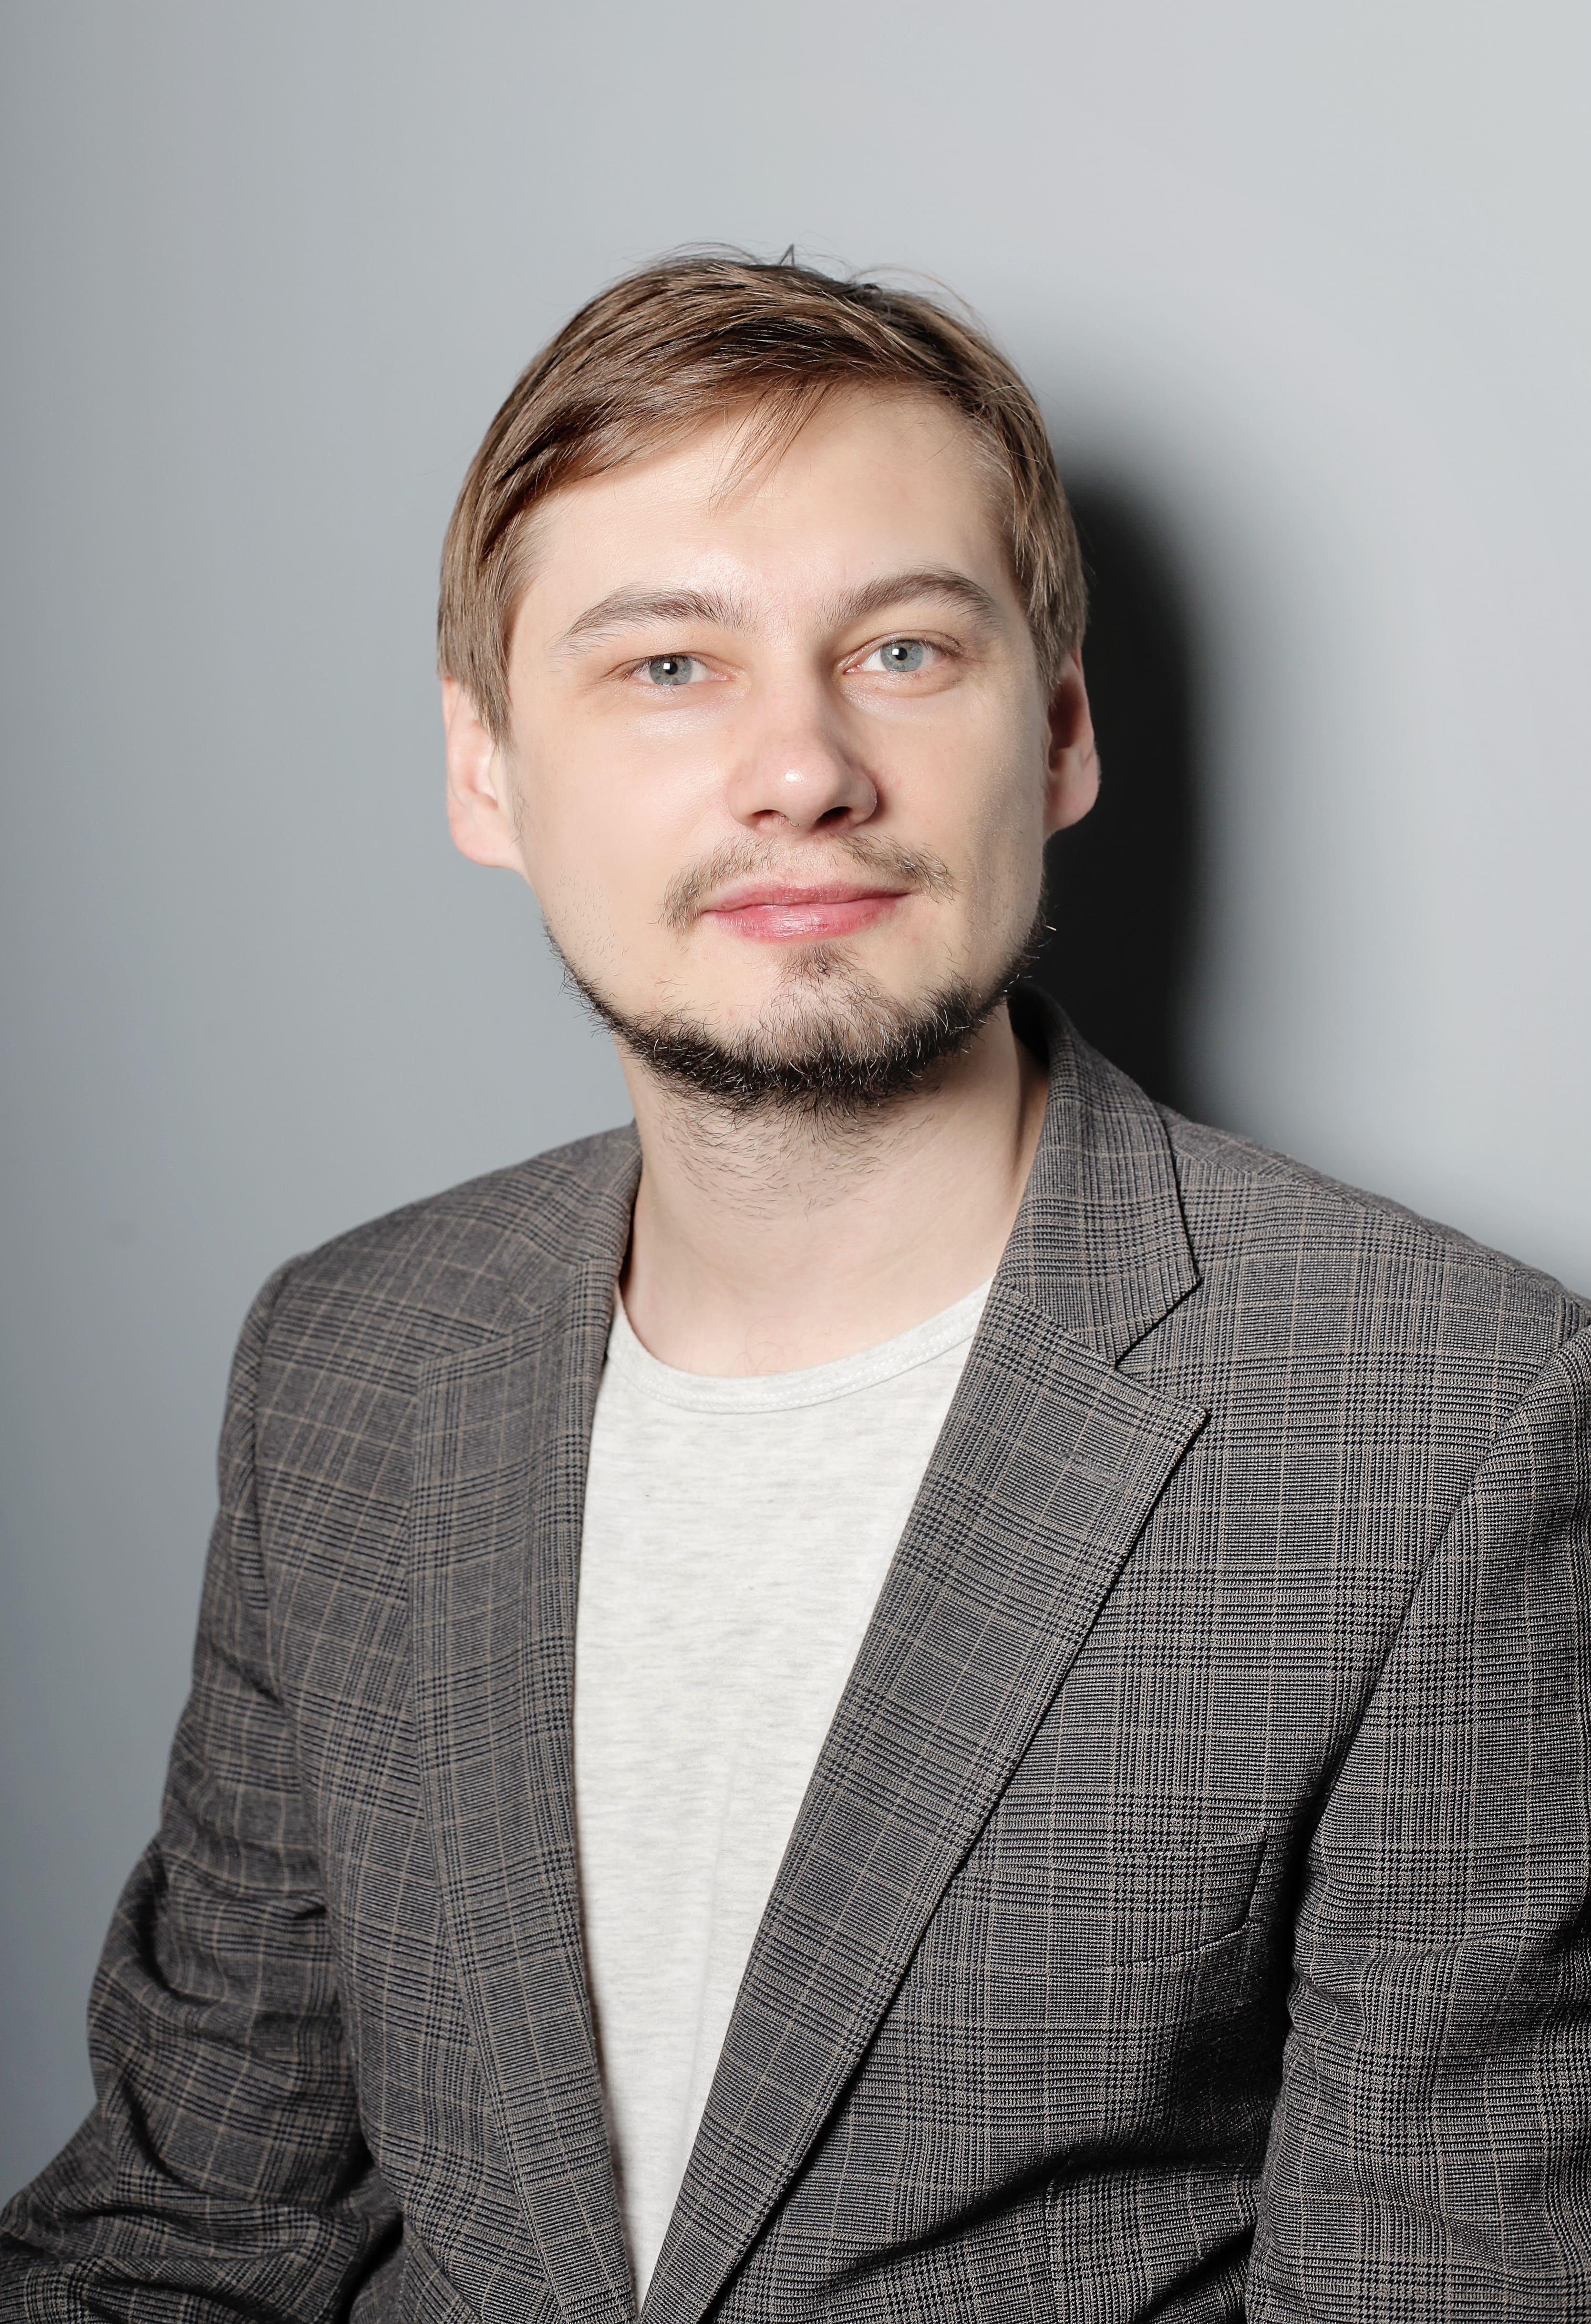 Нестеров Евгений.jpg